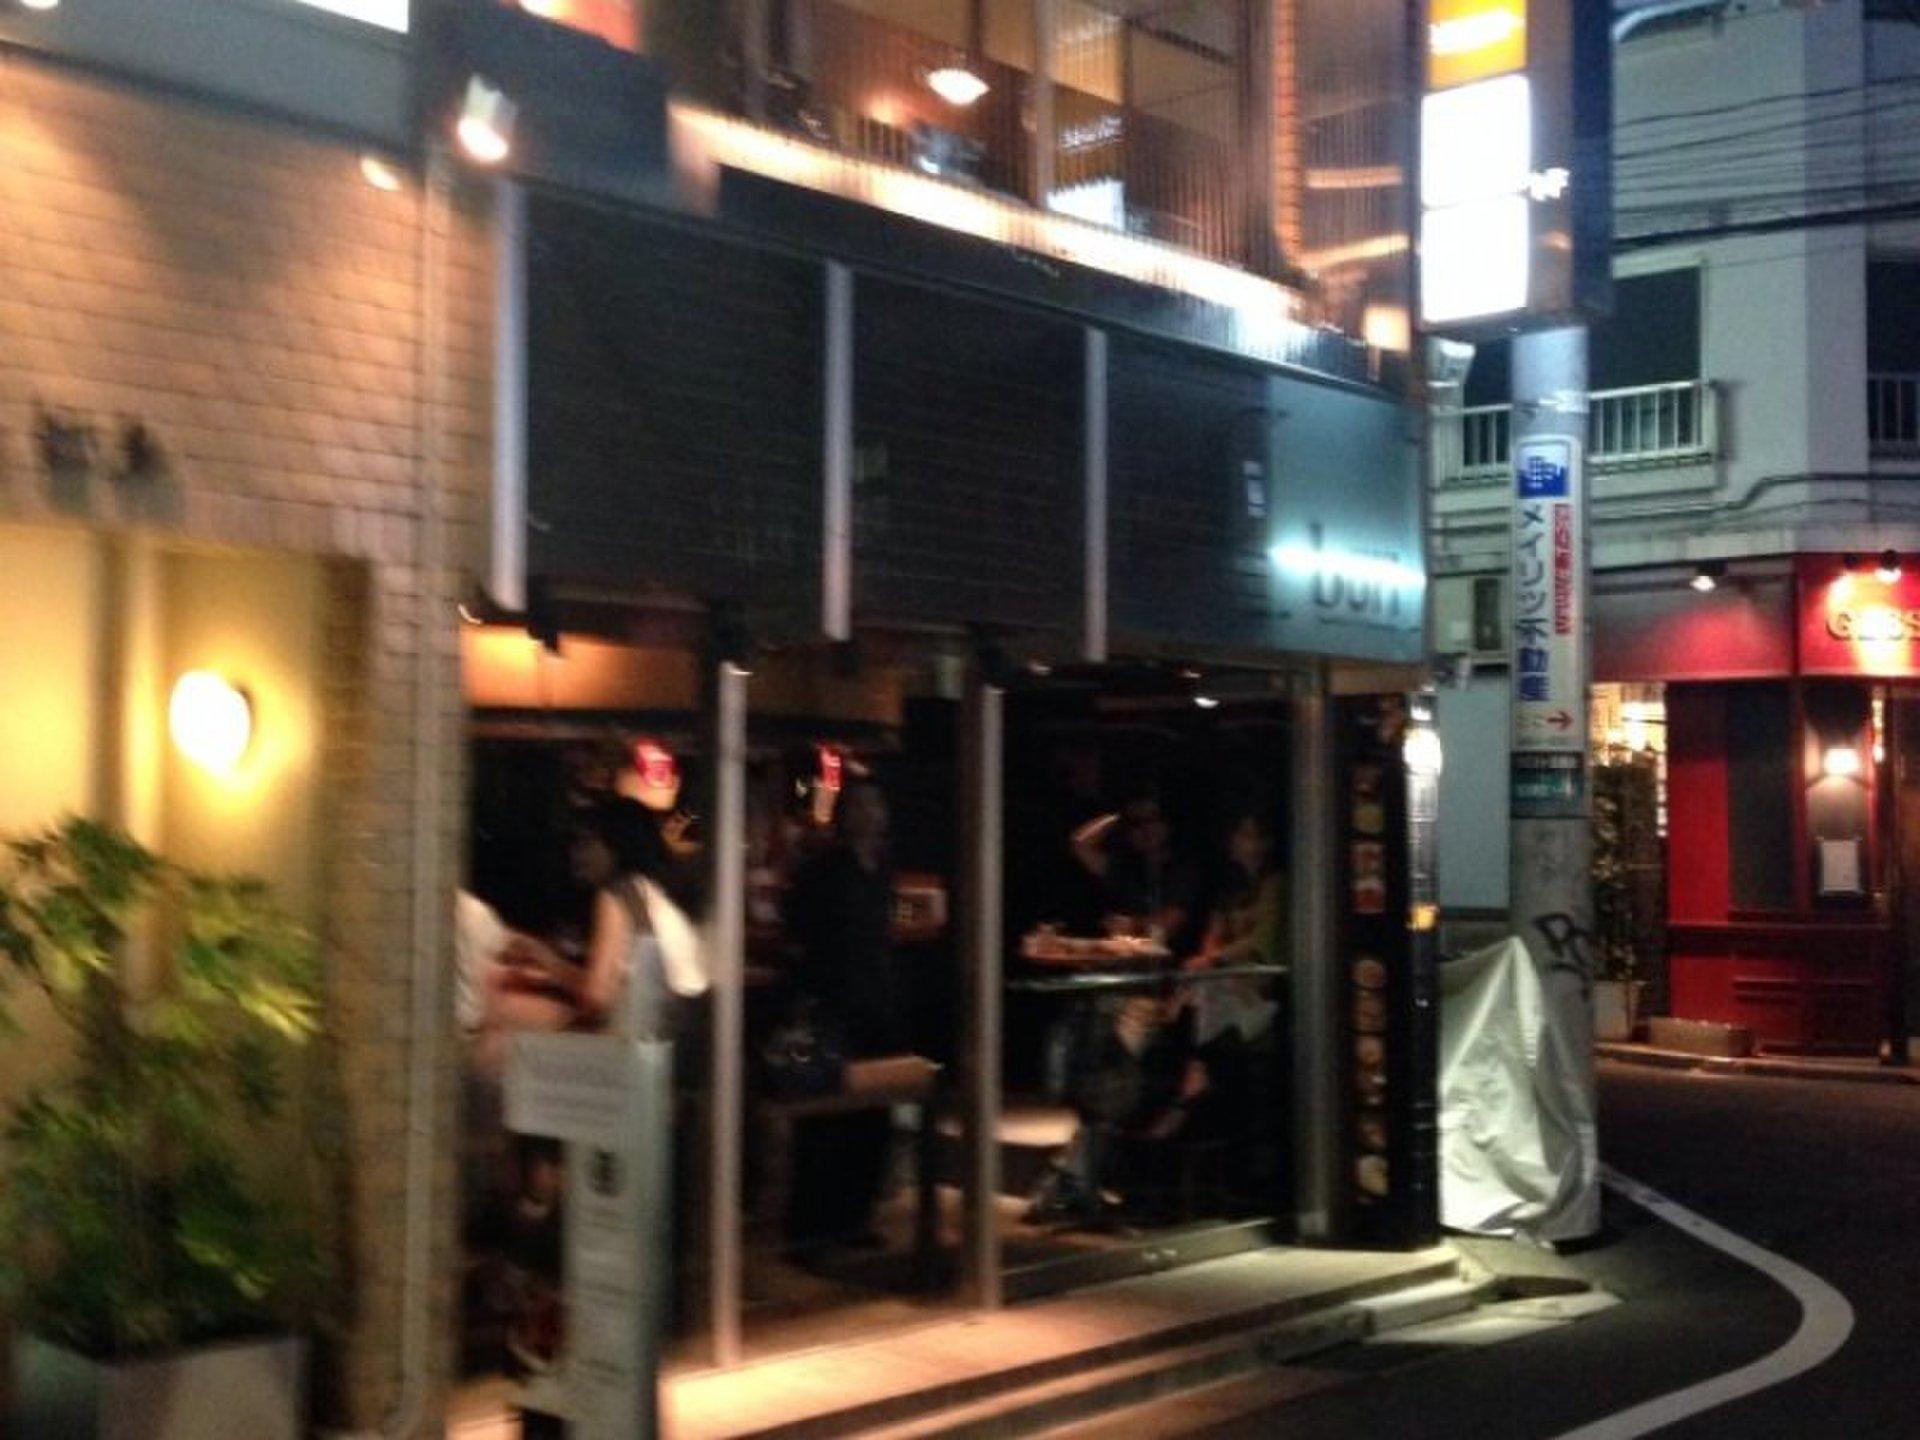 デートに最適、恵比寿駅近のオシャレすぎるバー3選!【Buri/LUXIS/cafe SUNS】